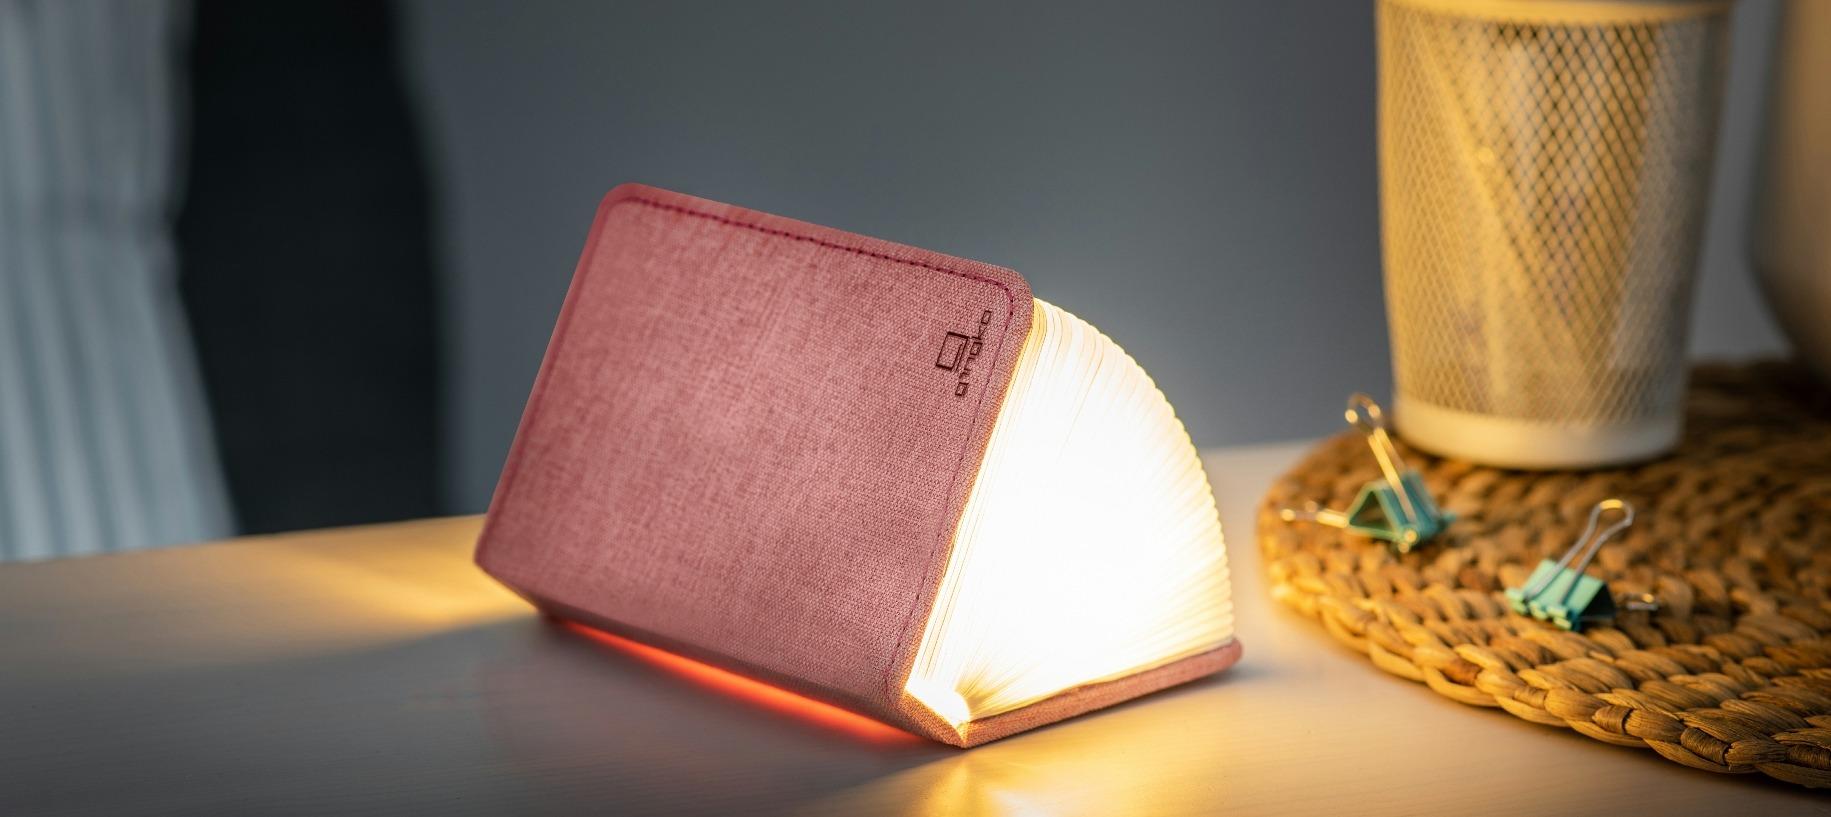 Mini LED Smart Book Blush Pink